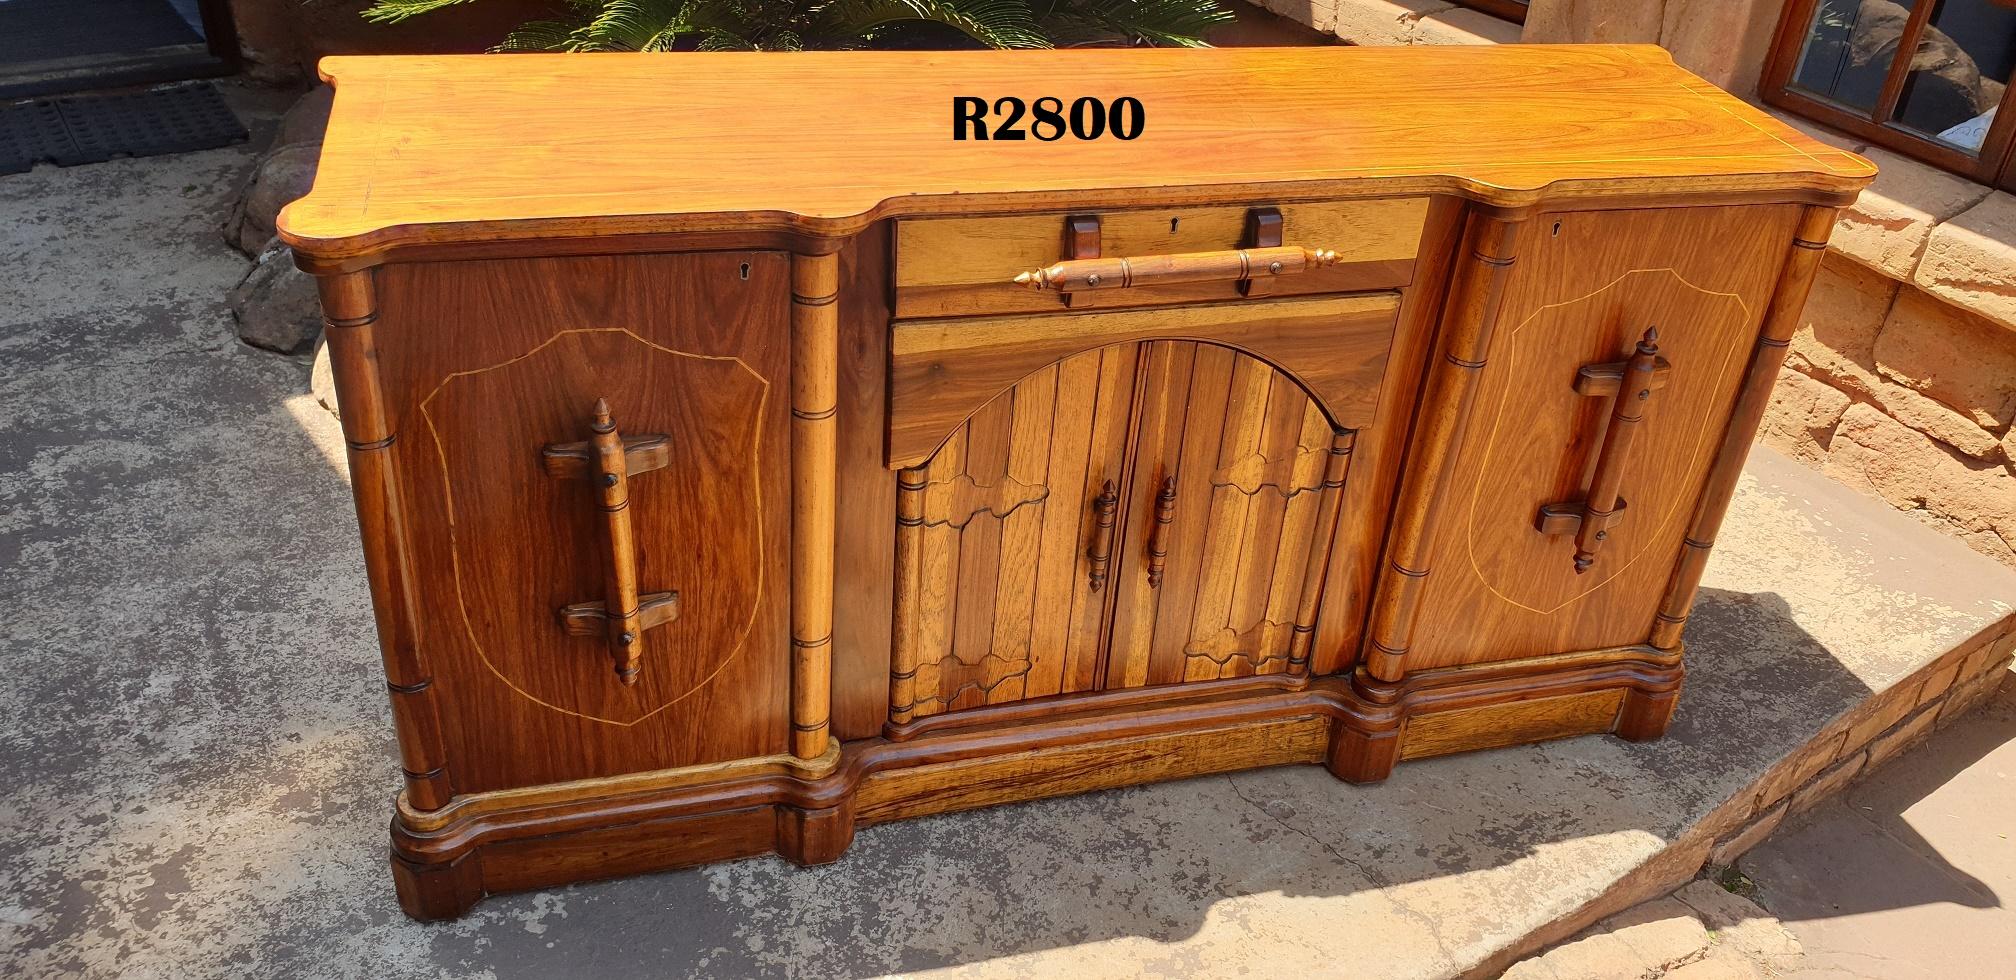 Vintage Teak Sideboard (1720x485x875)